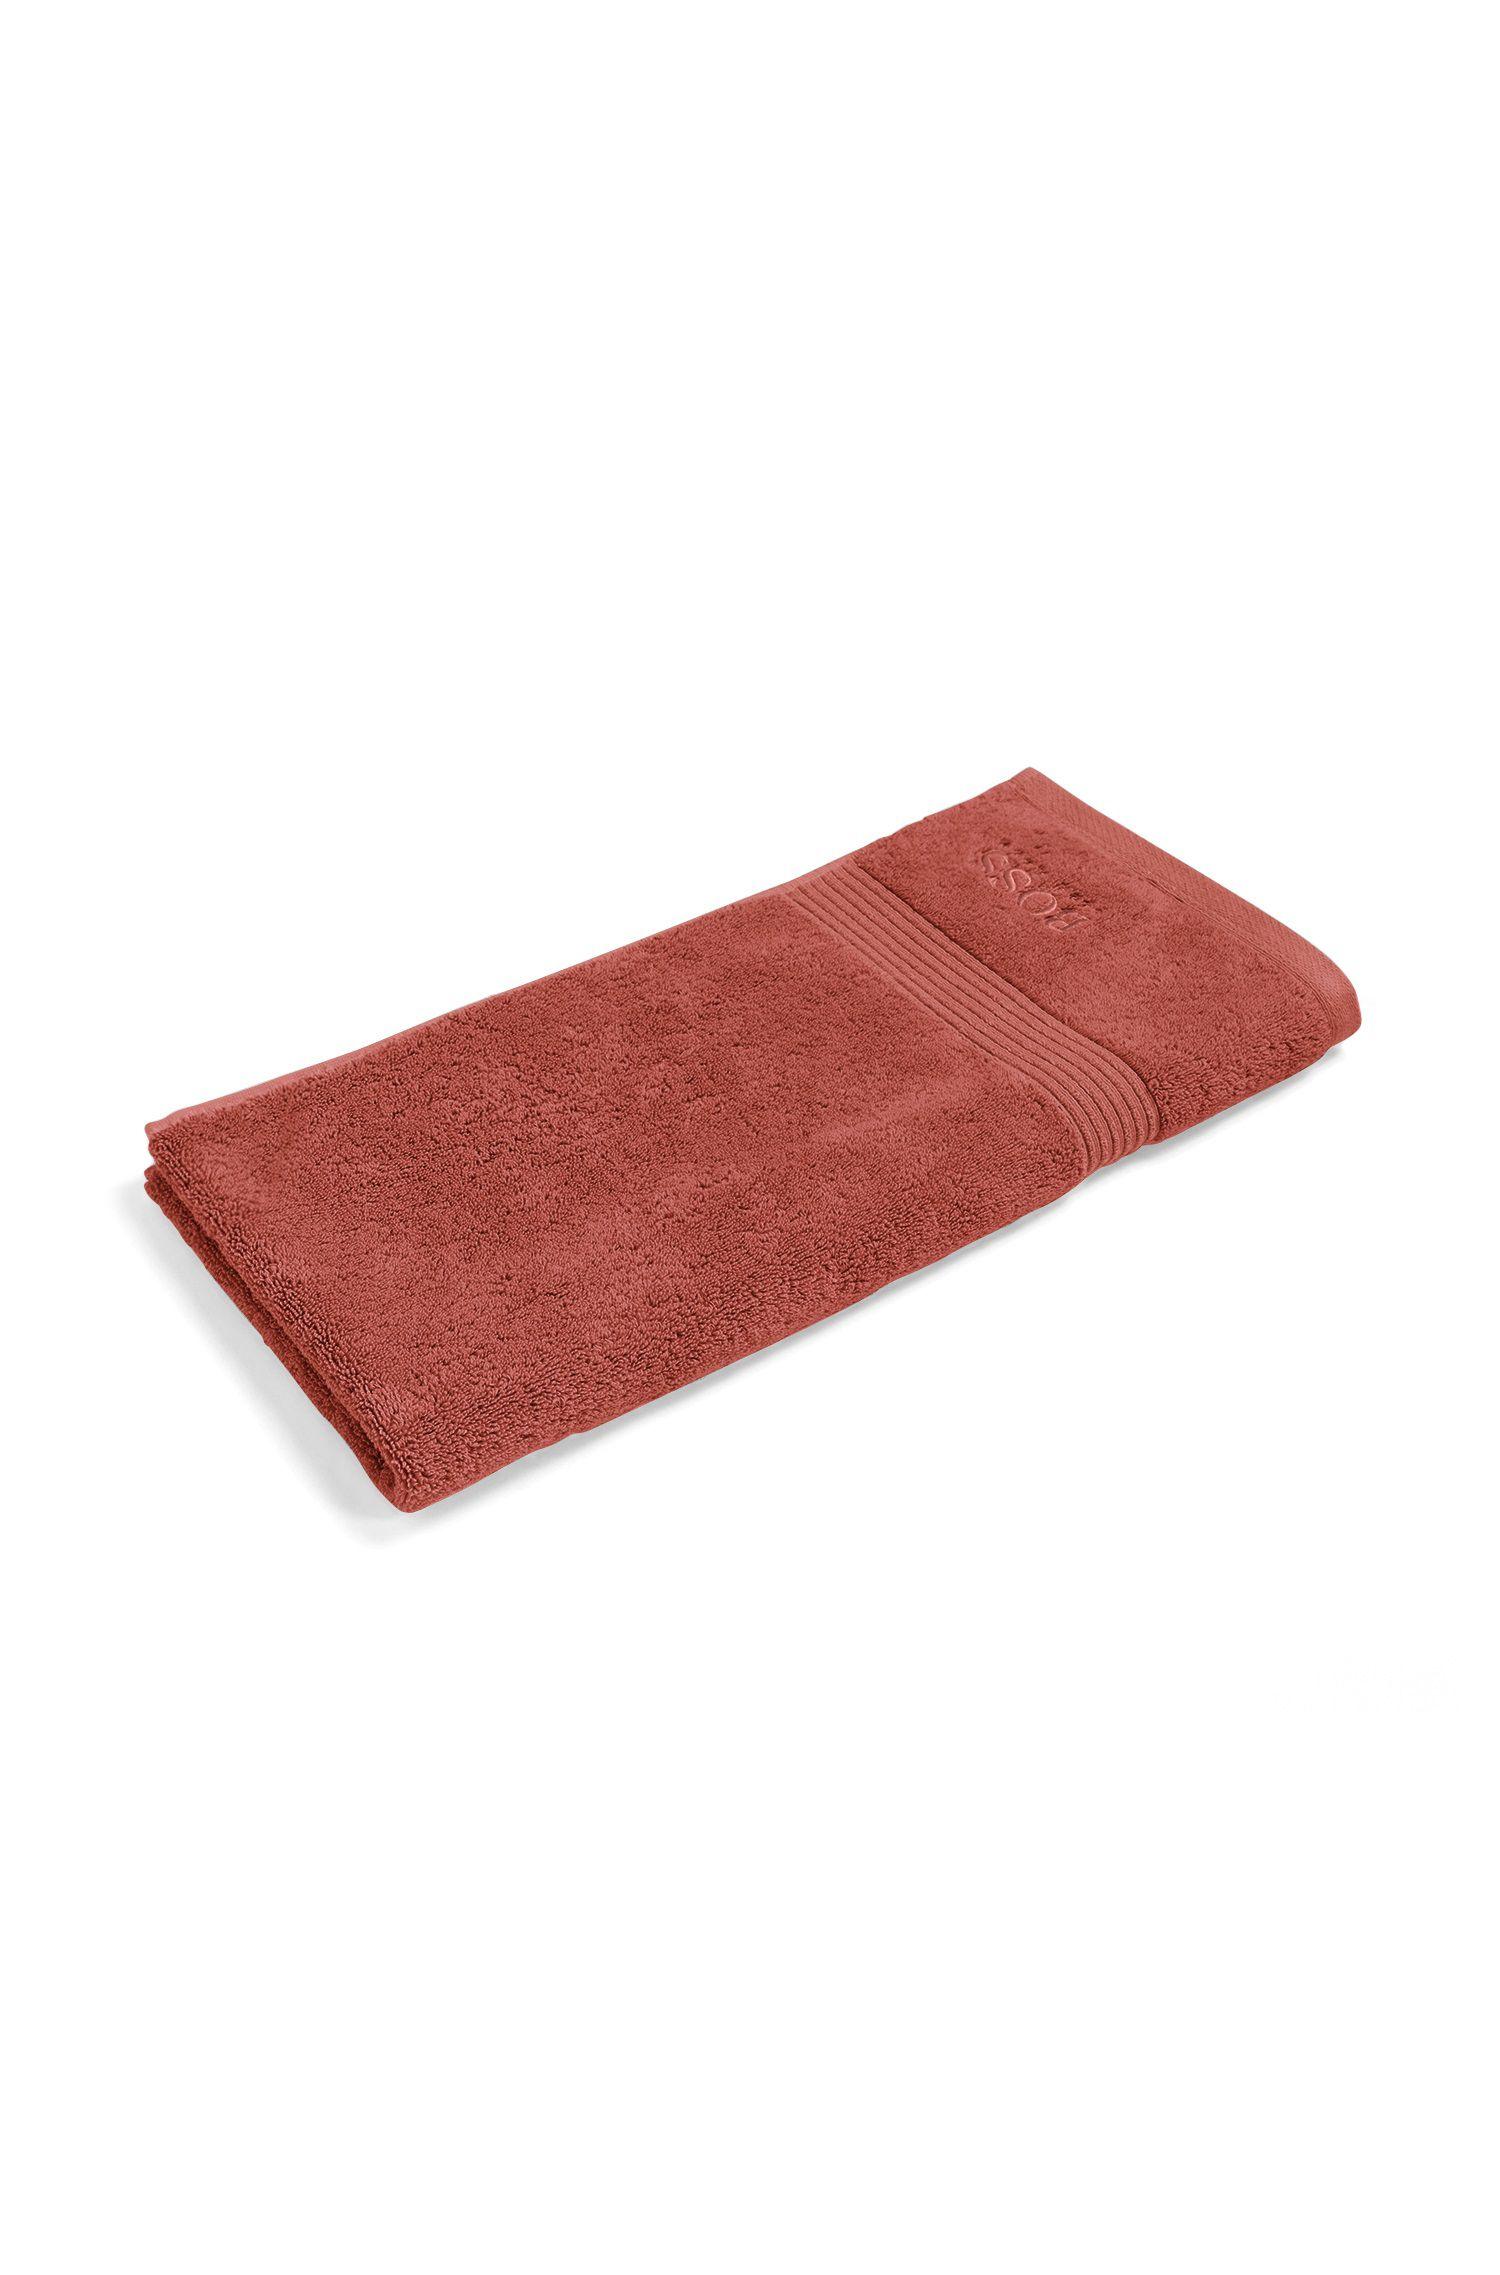 Essuie-main en coton peigné de la mer Égée avec bordure côtelée